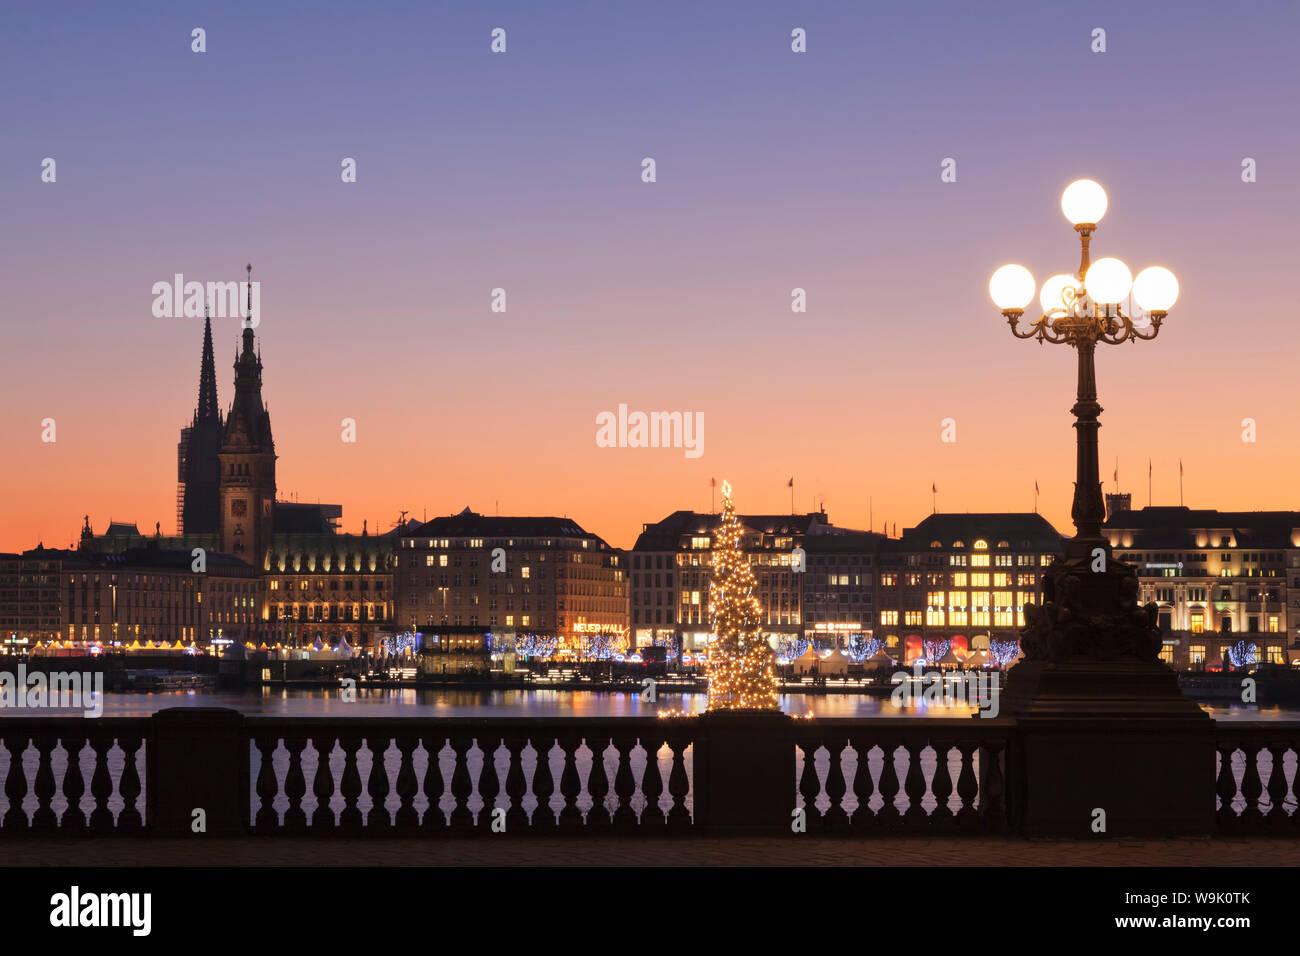 Jungfernstieg Weihnachtsmarkt.Blick Uber Die Binnenalster Binnenalster Zum